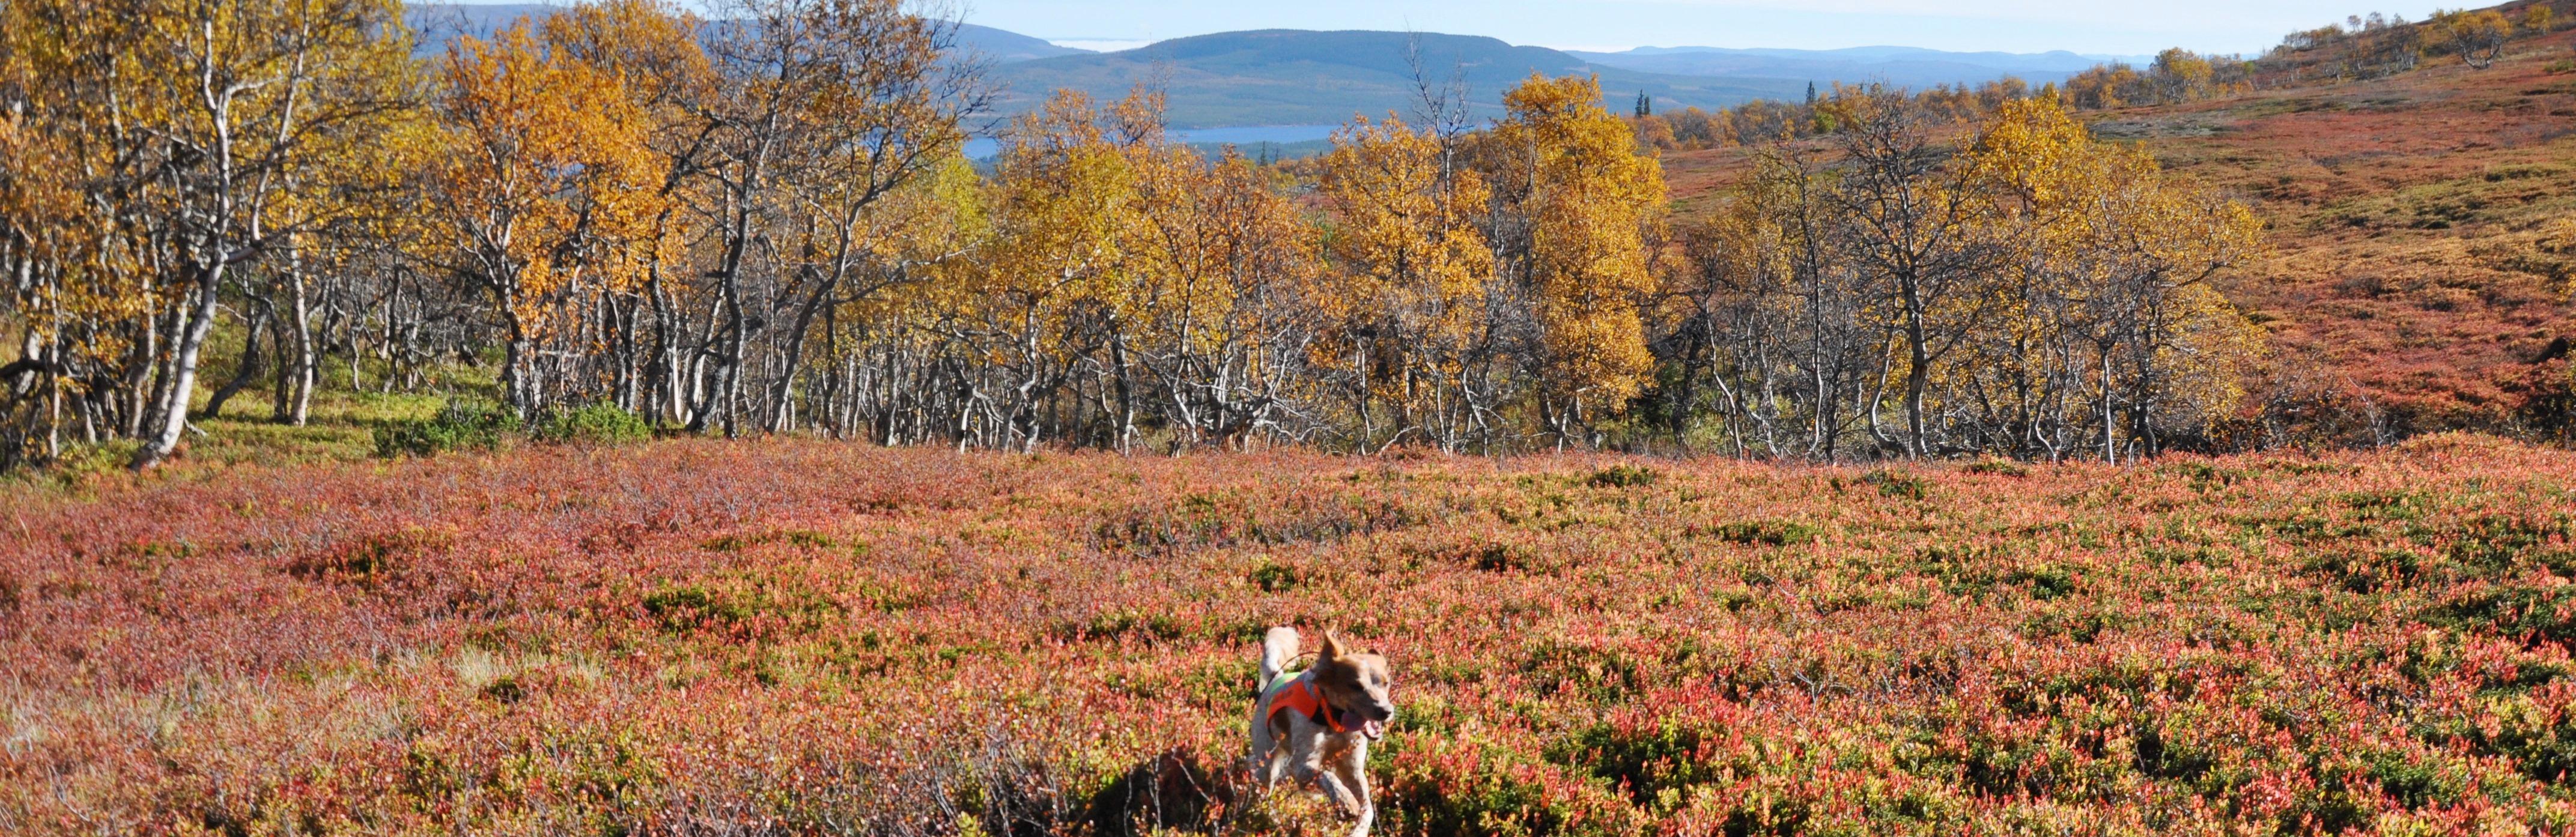 Ripvidets Gnista, Lofsdalen. Ägare o Foto: Anna Norén